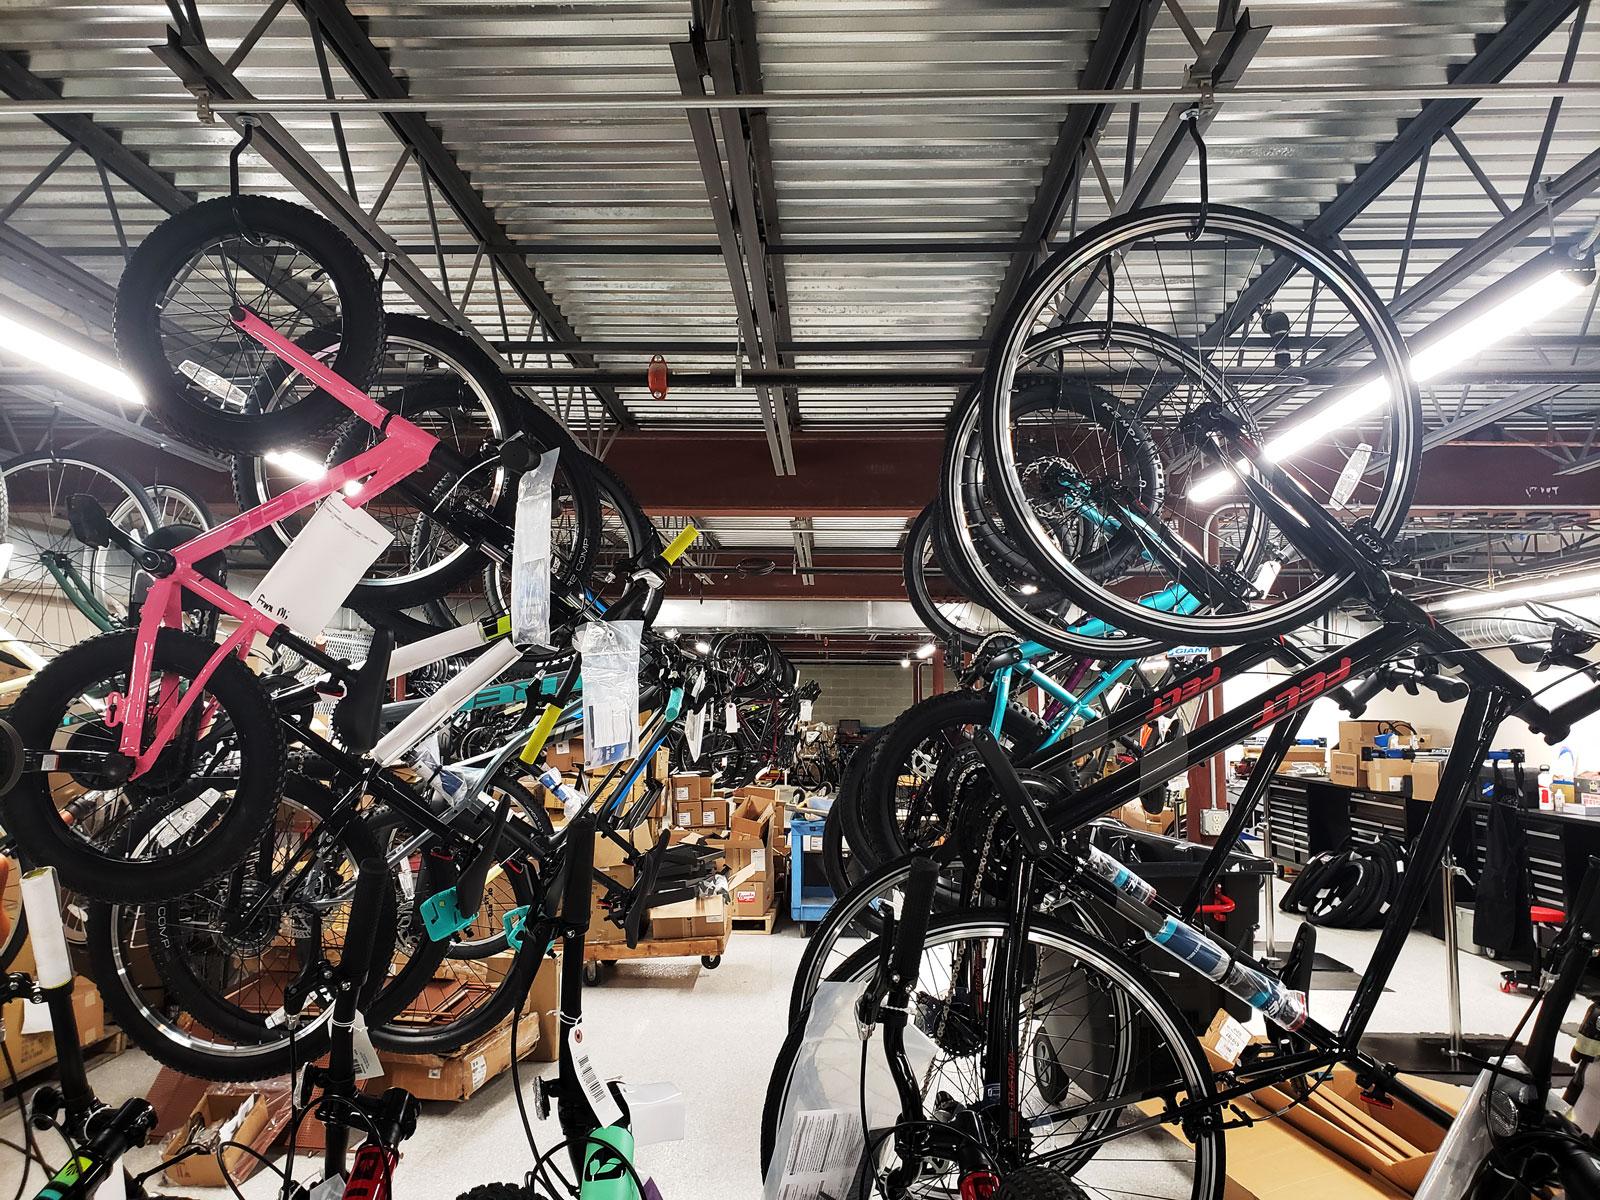 Bikes upon bikes.